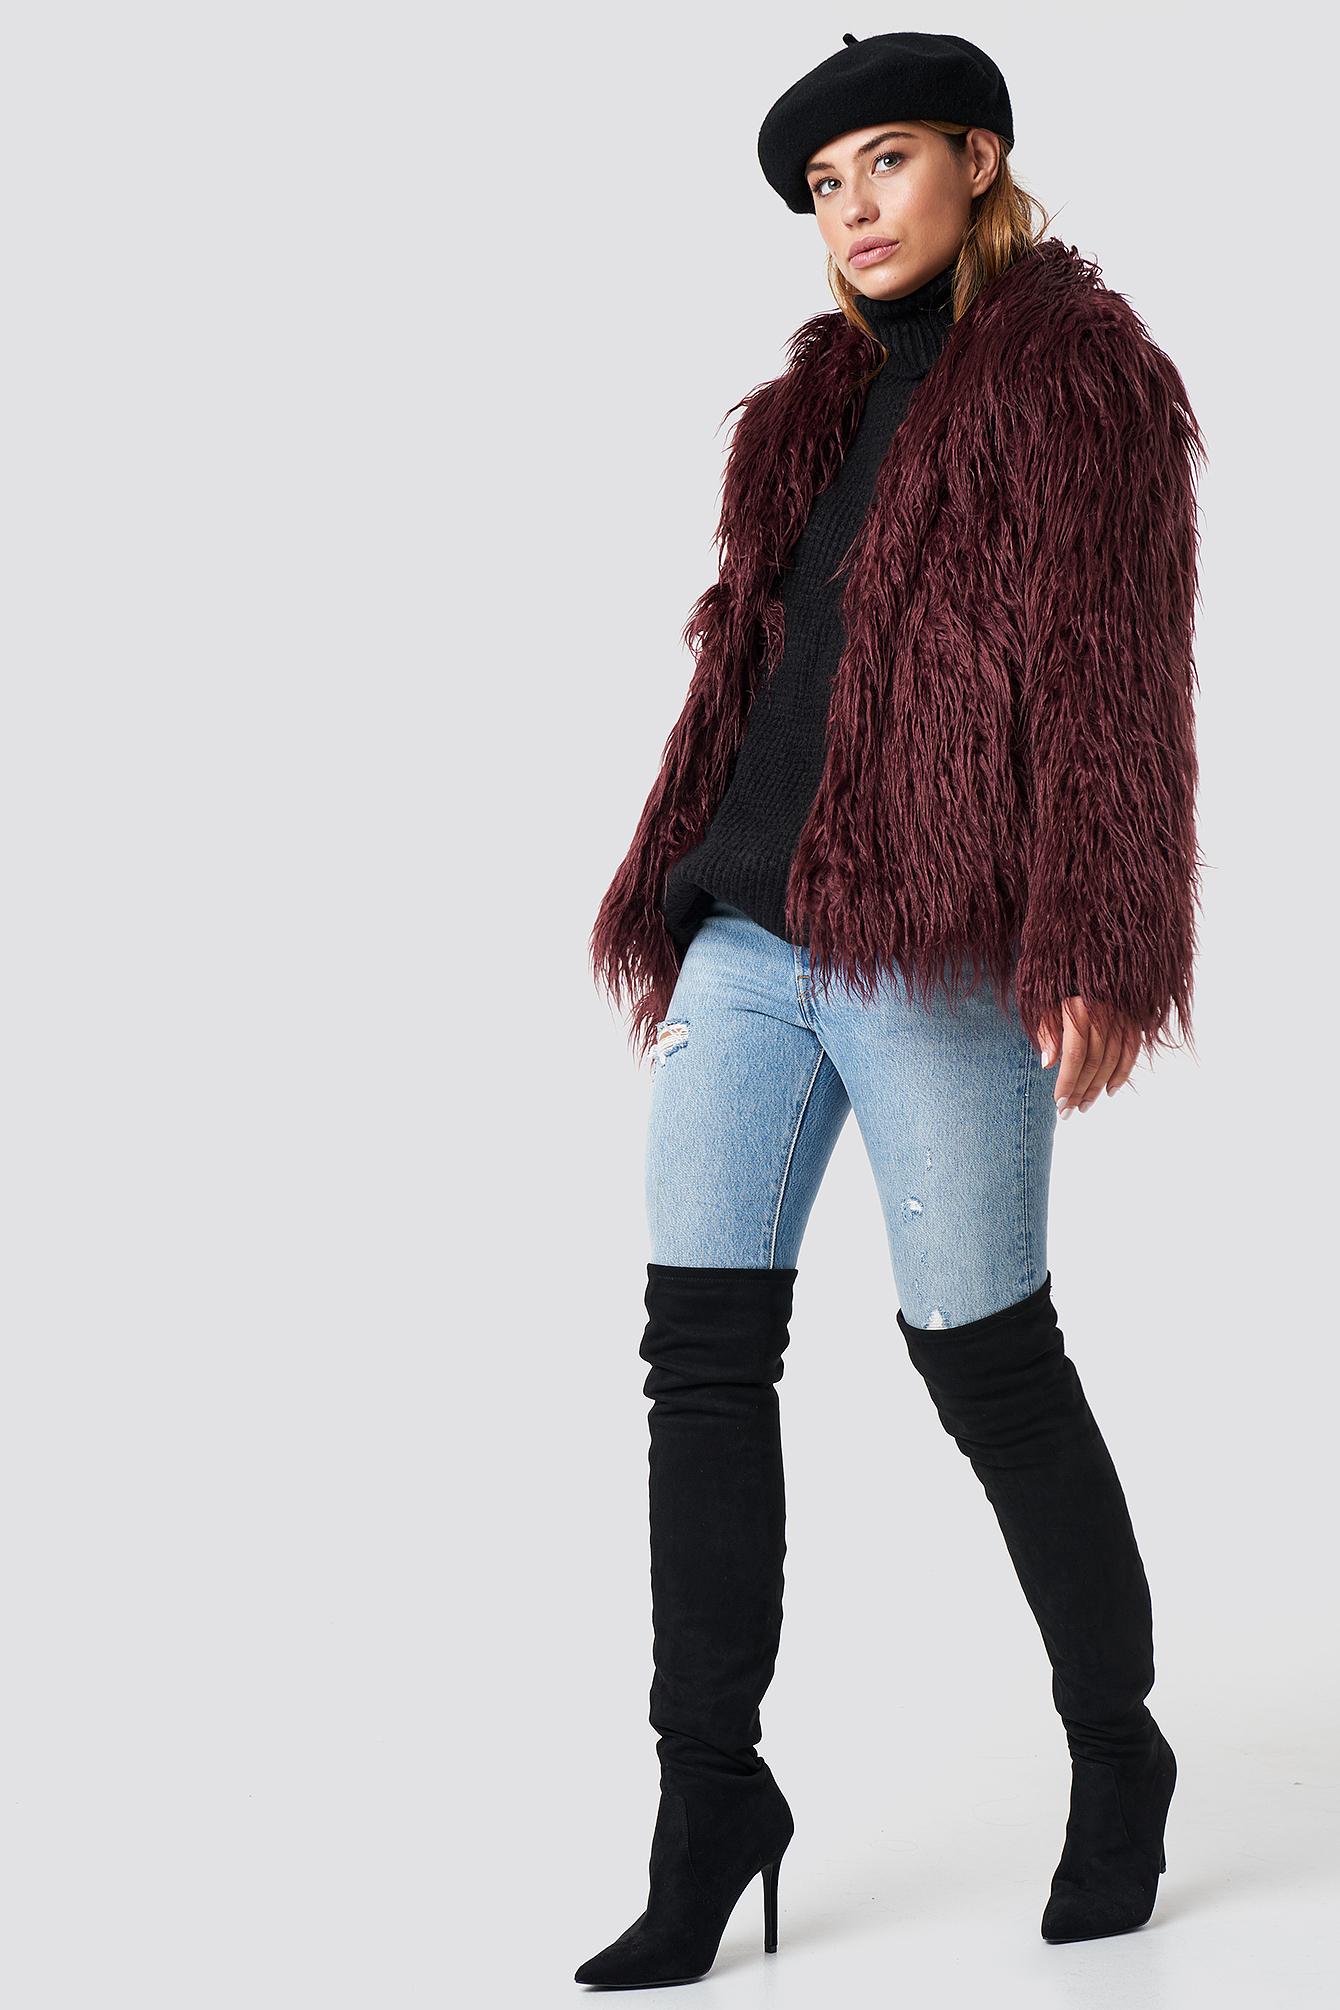 Fluffy Faux Fur Jacket - Red, Purple, Red,Purple